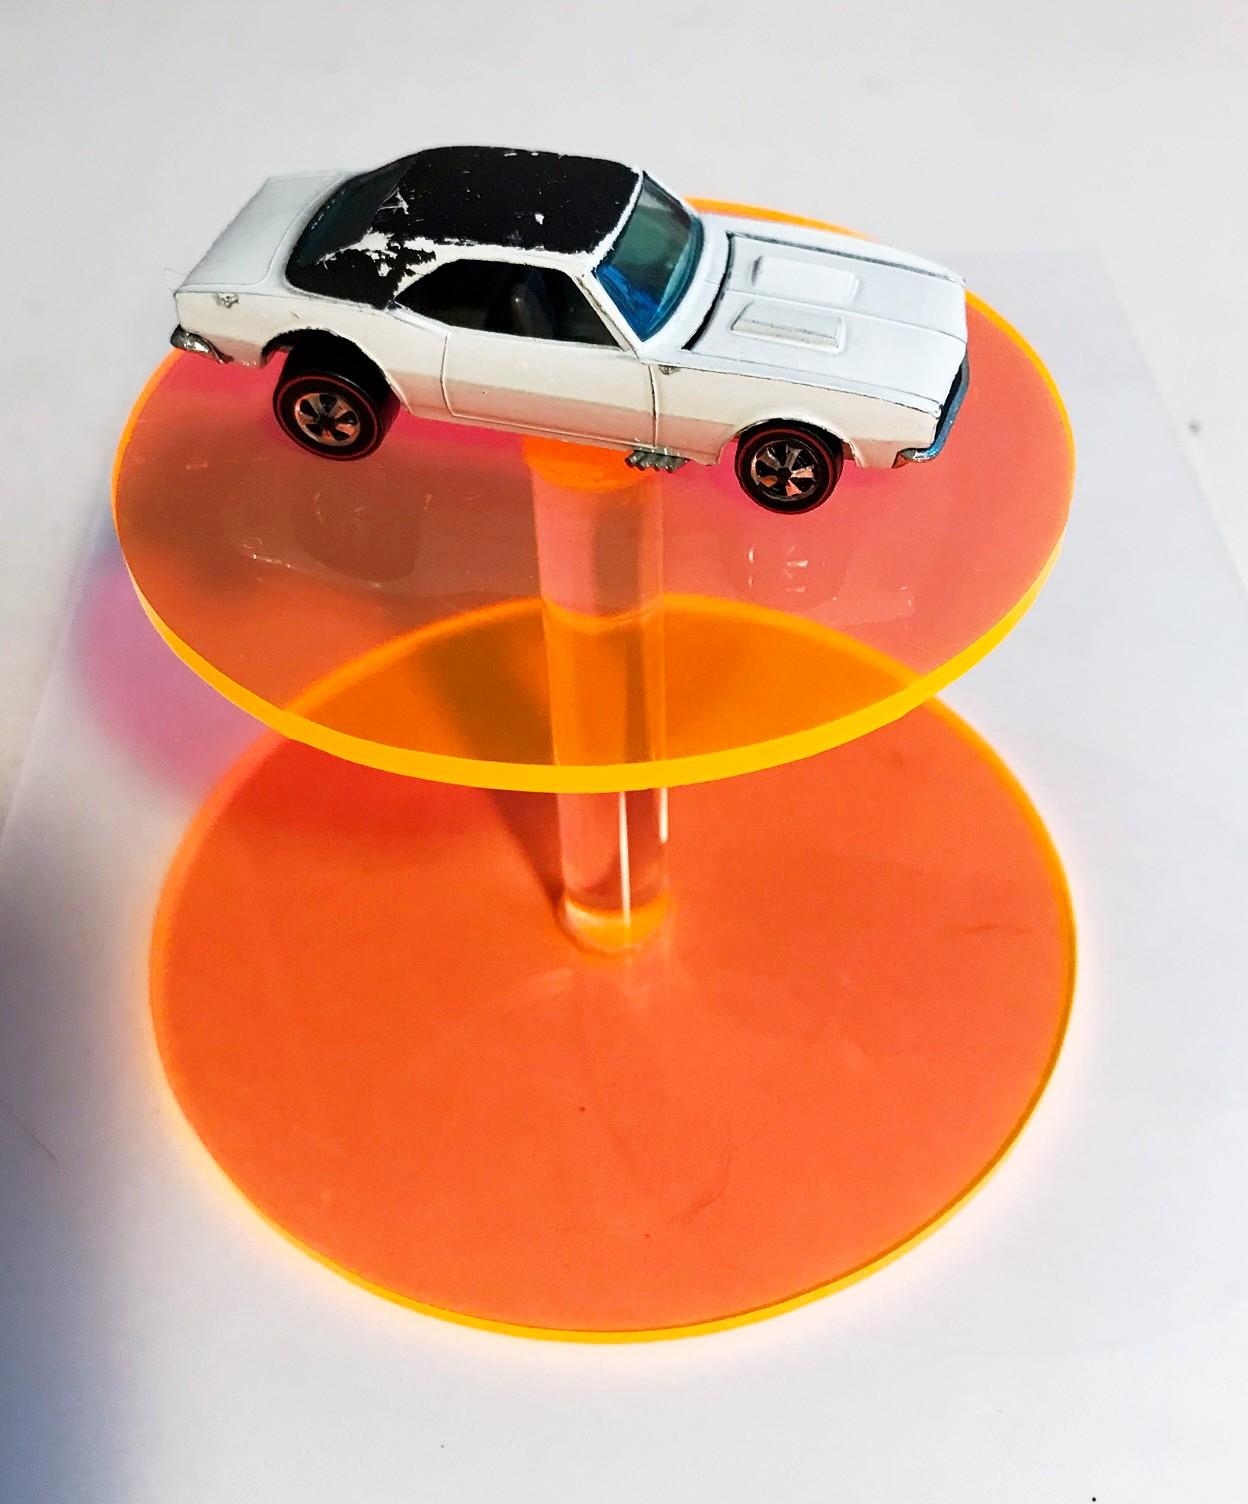 Hong Kong Chevy Camaro